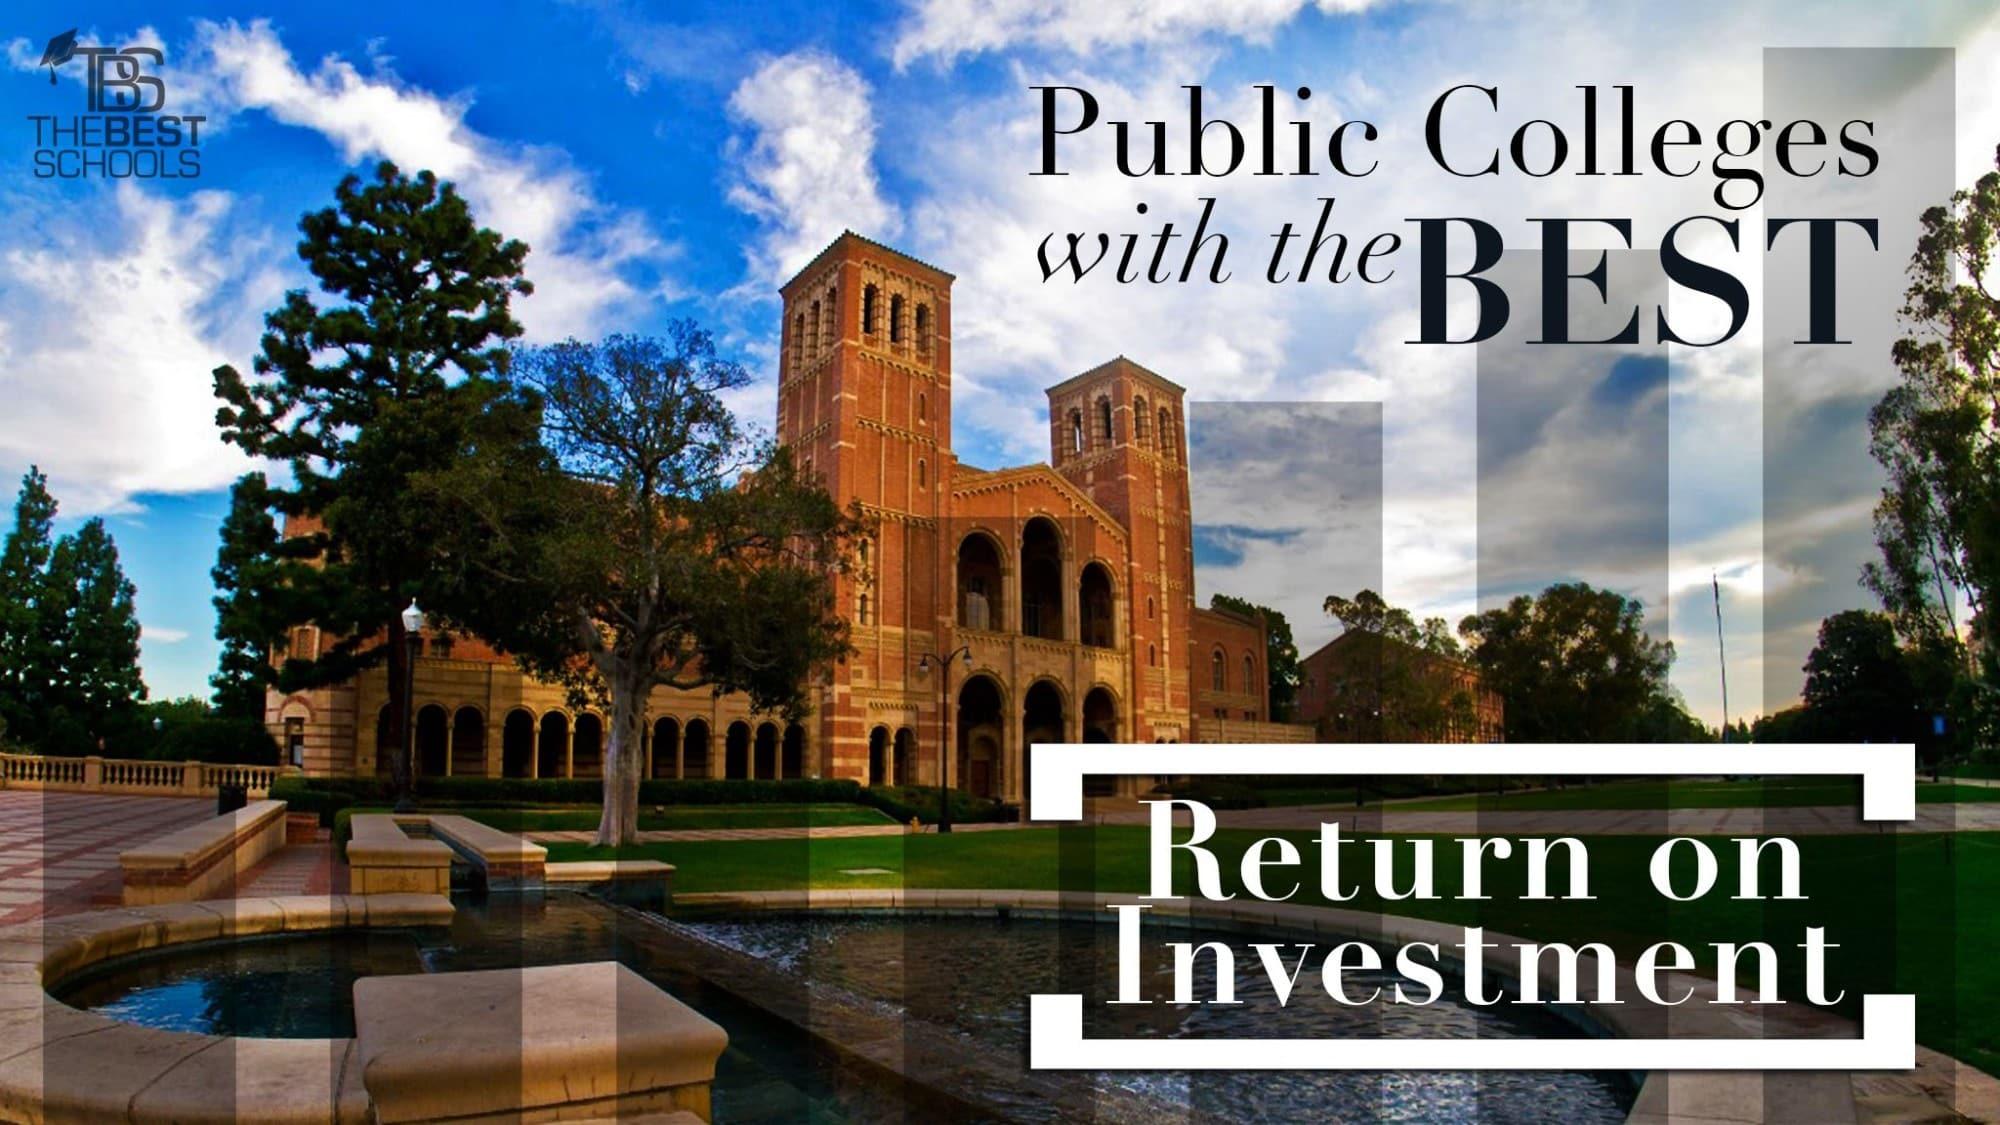 public-colleges-best-ROI.jpg